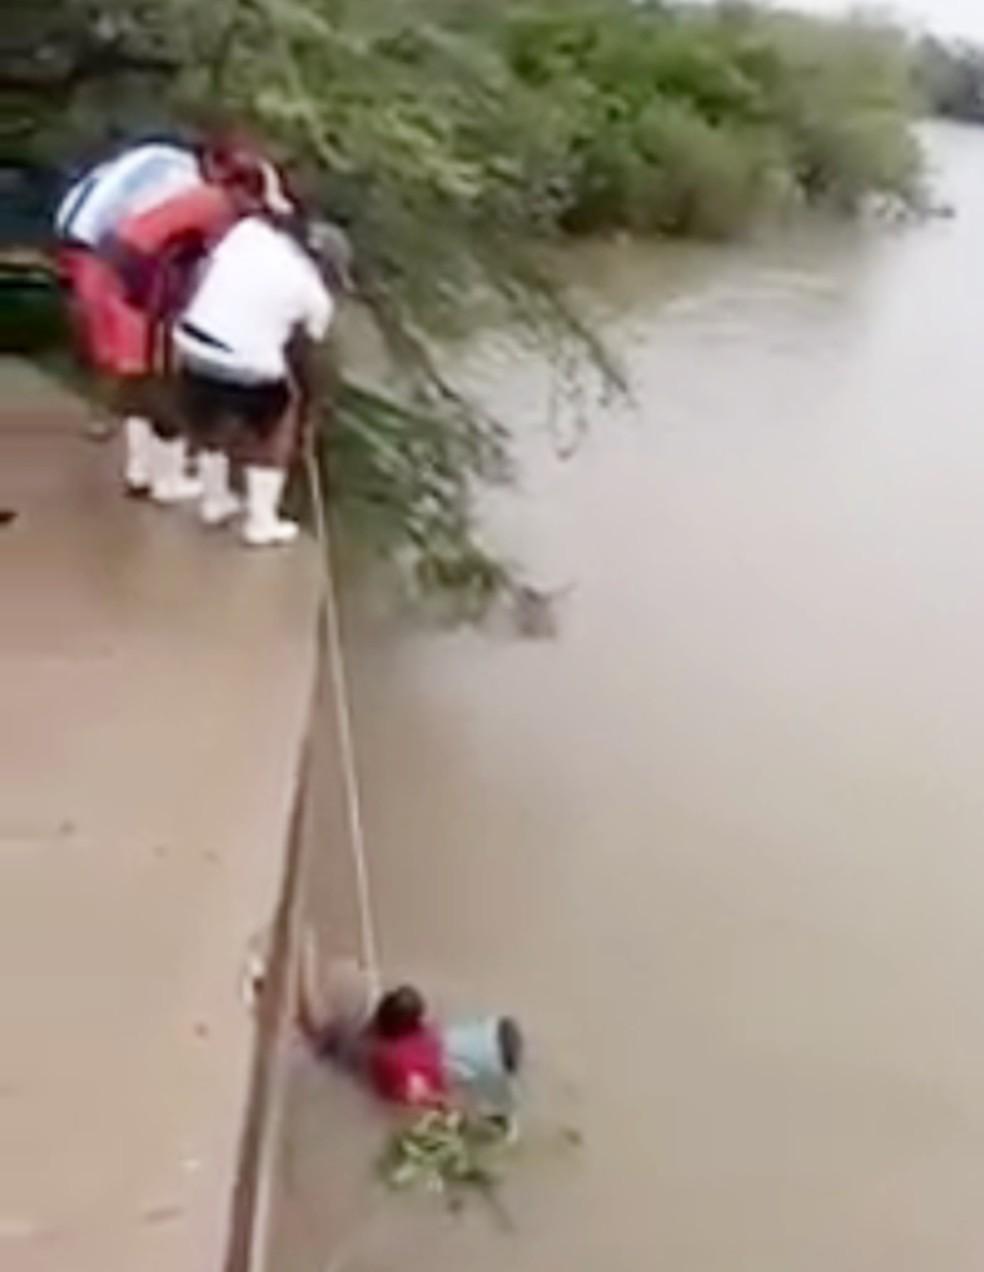 Pescadores foram retirados do rio por moradores da região, que usaram cordas para fazer o resgate (Foto: Reprodução/Vídeo)